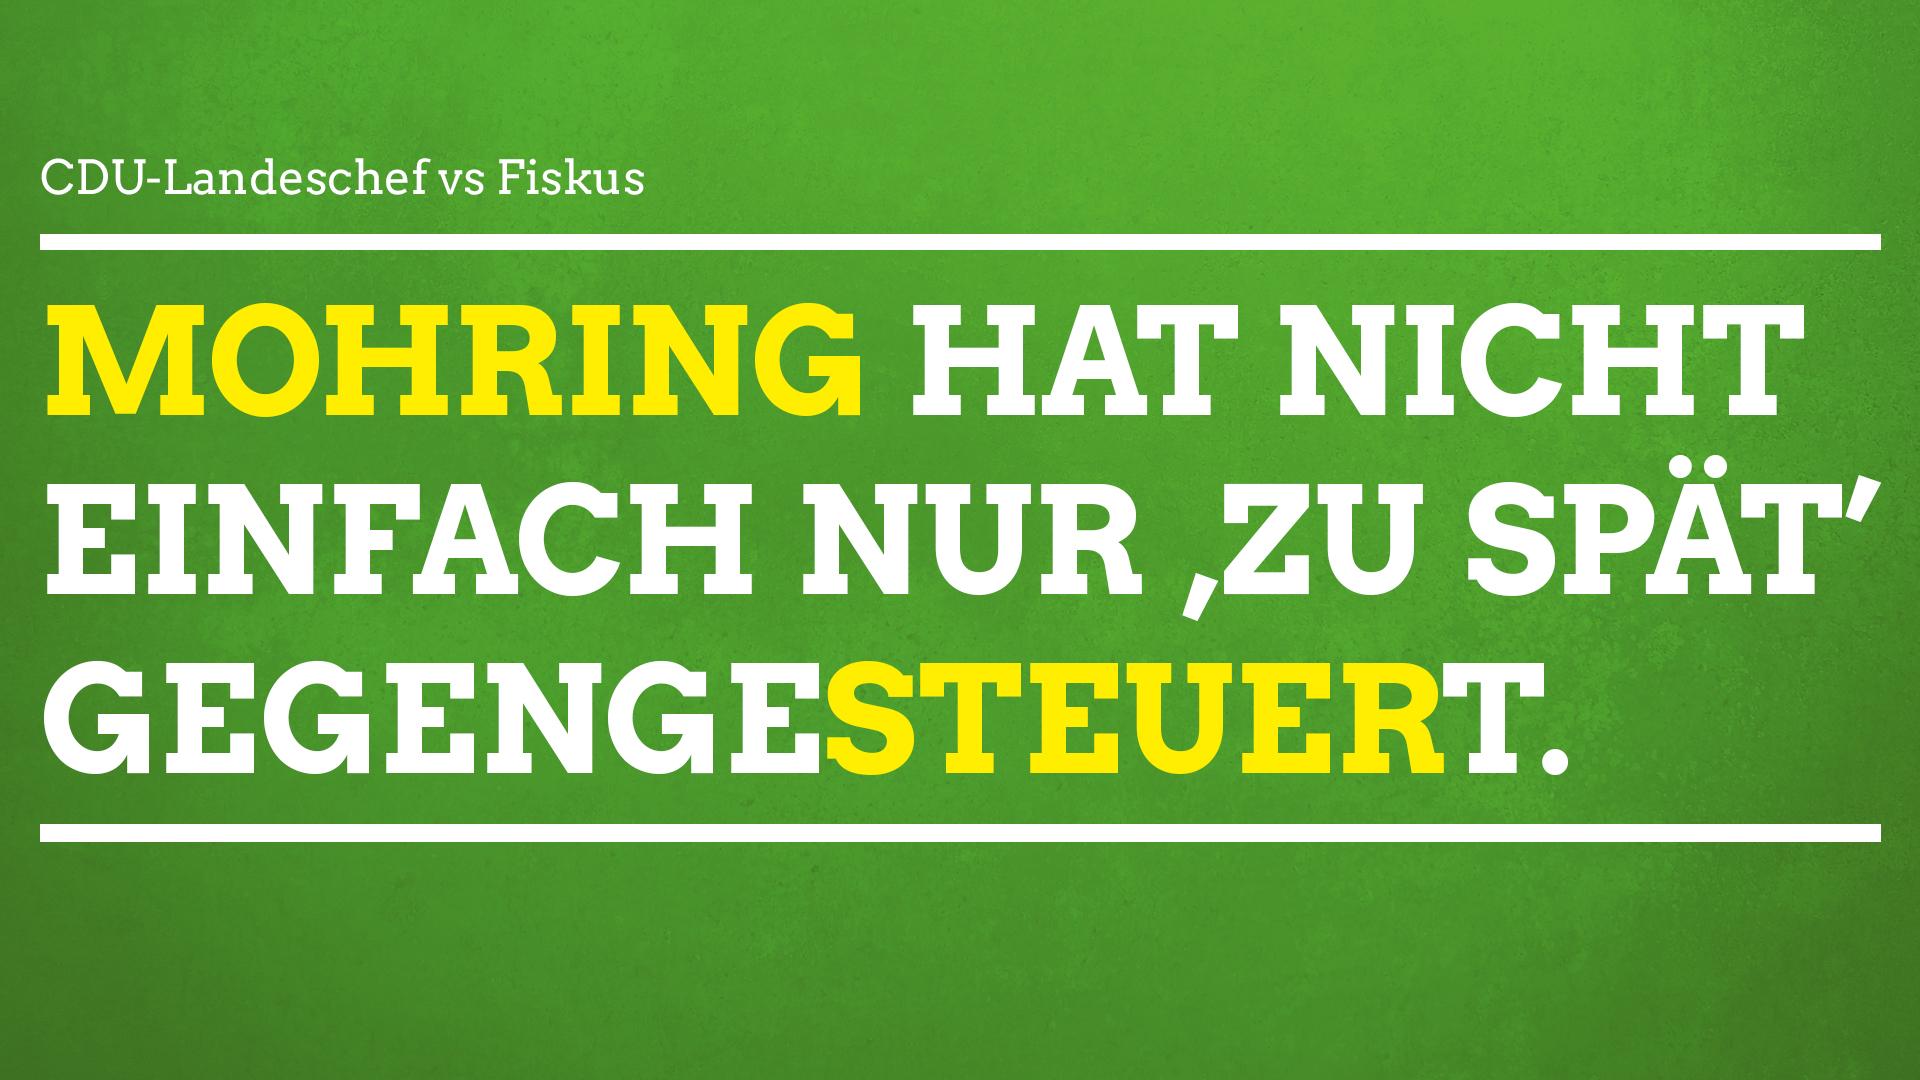 Grüne fordern Aufklärung zu Steuervorwürfen gegen CDU-Vorsitzenden Mike Mohring